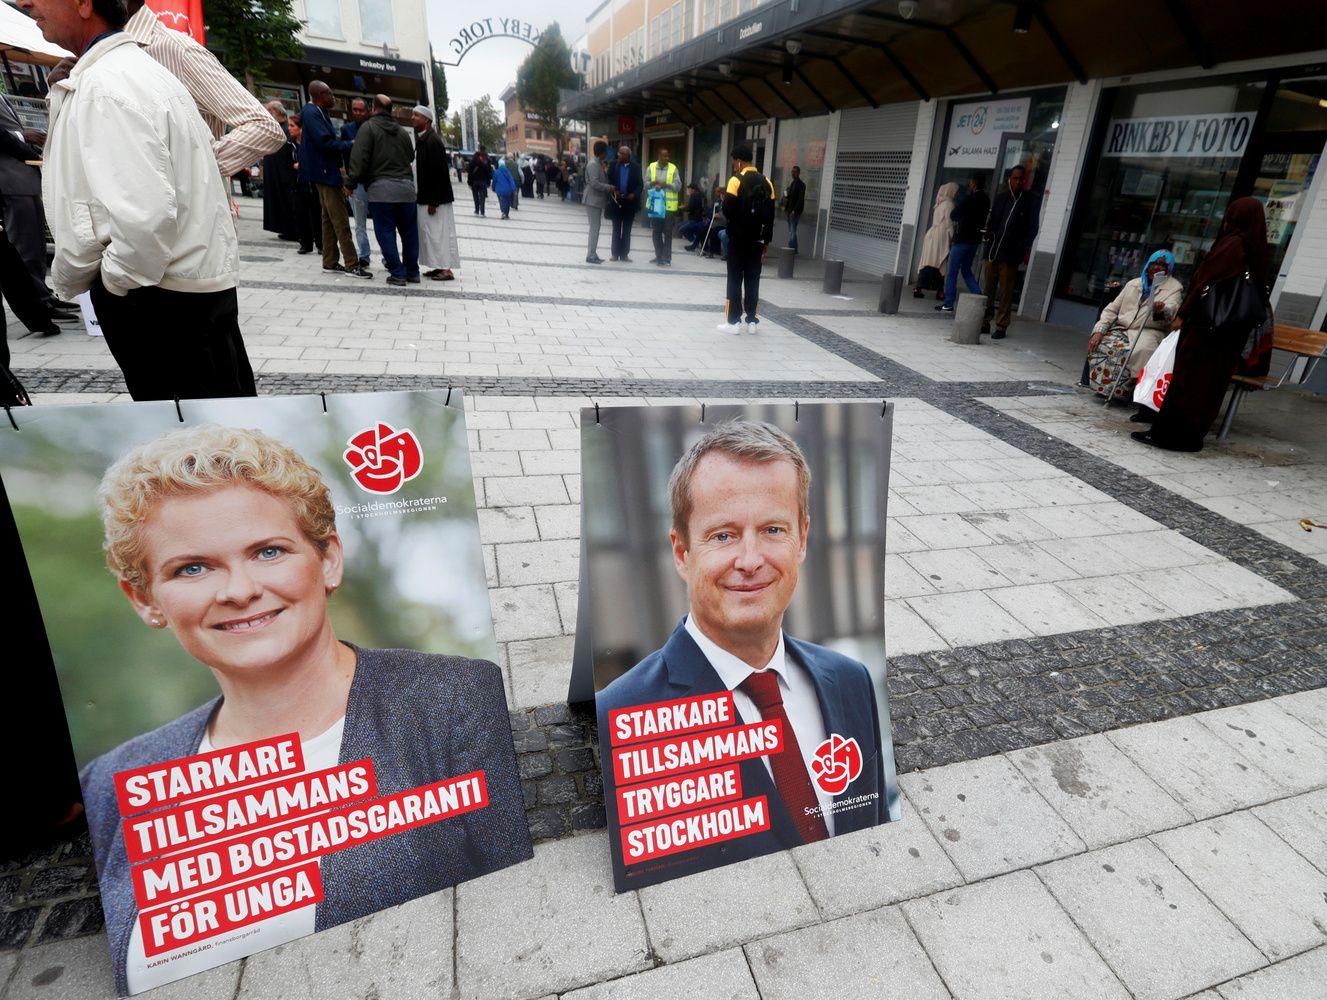 Švedijos rinkimai: kas trečia naujiena – suklastota